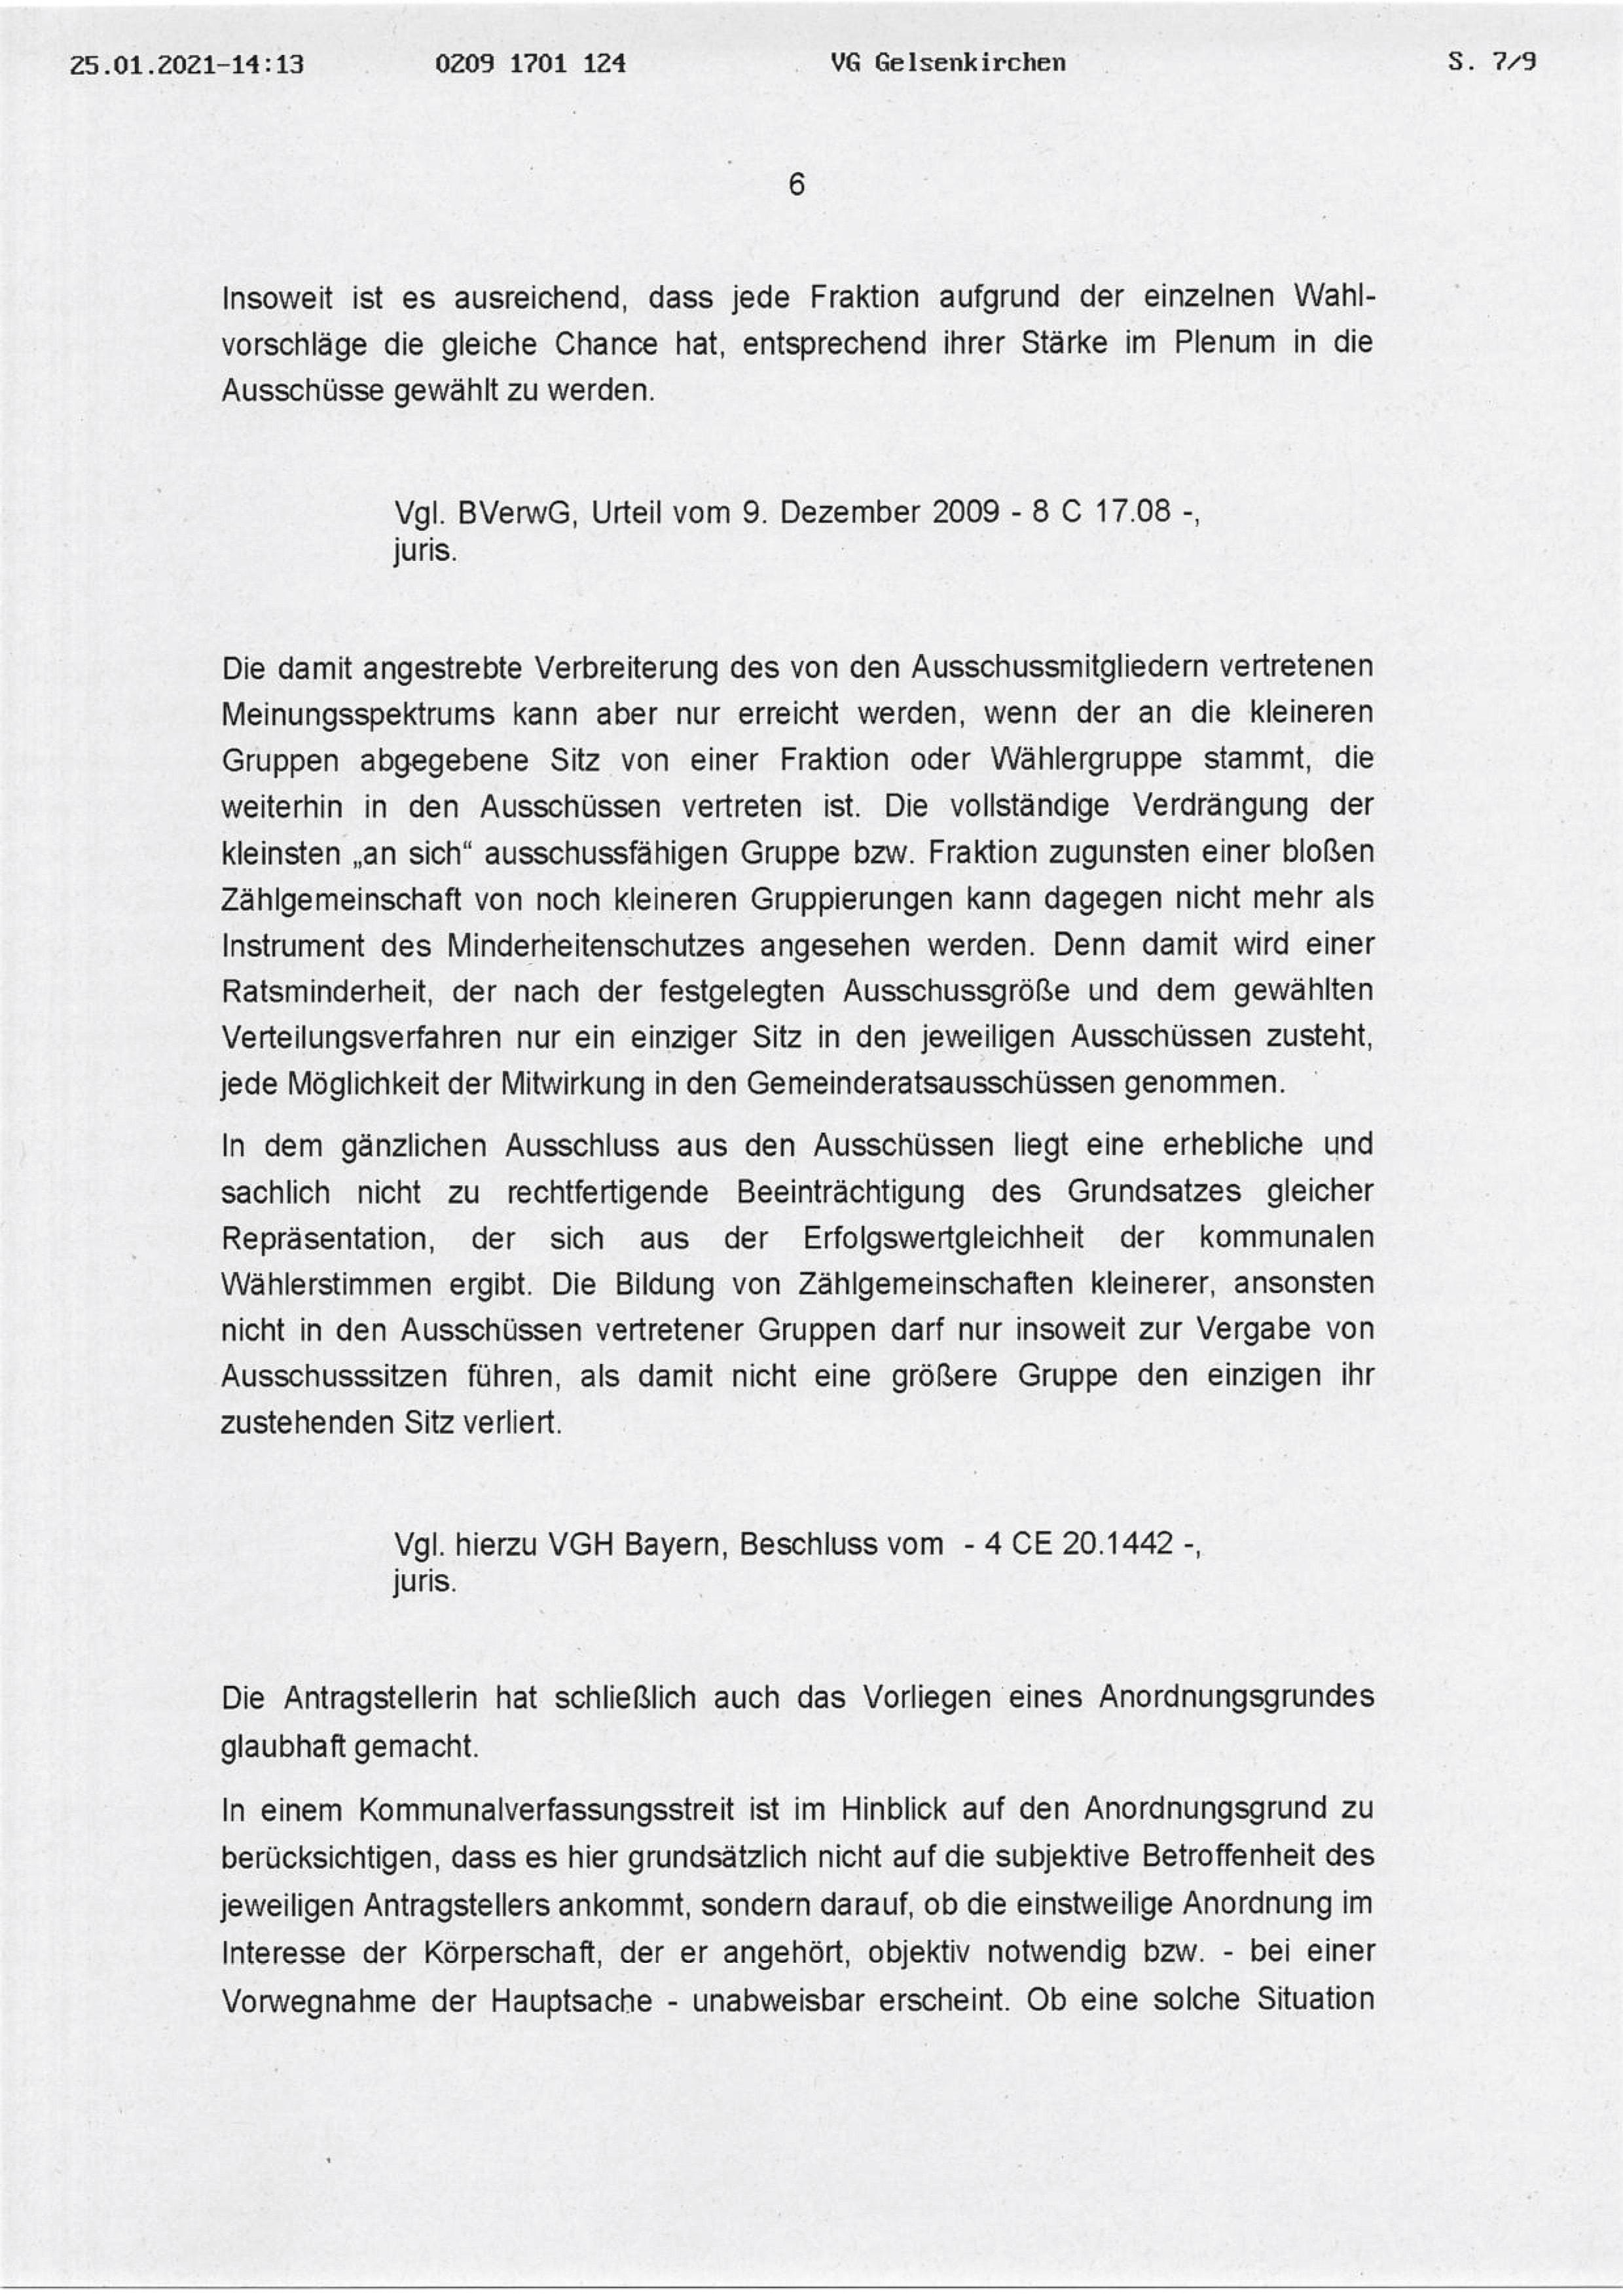 """Beschluss (VG Gelsenkirchen 25.01.2021) in der Sache Fraktion """"Die Partei und Stadtgestalter"""" gegen den Rat der Stadt Bochum, hier: Seite 6/8 (bzw. 7/9)"""